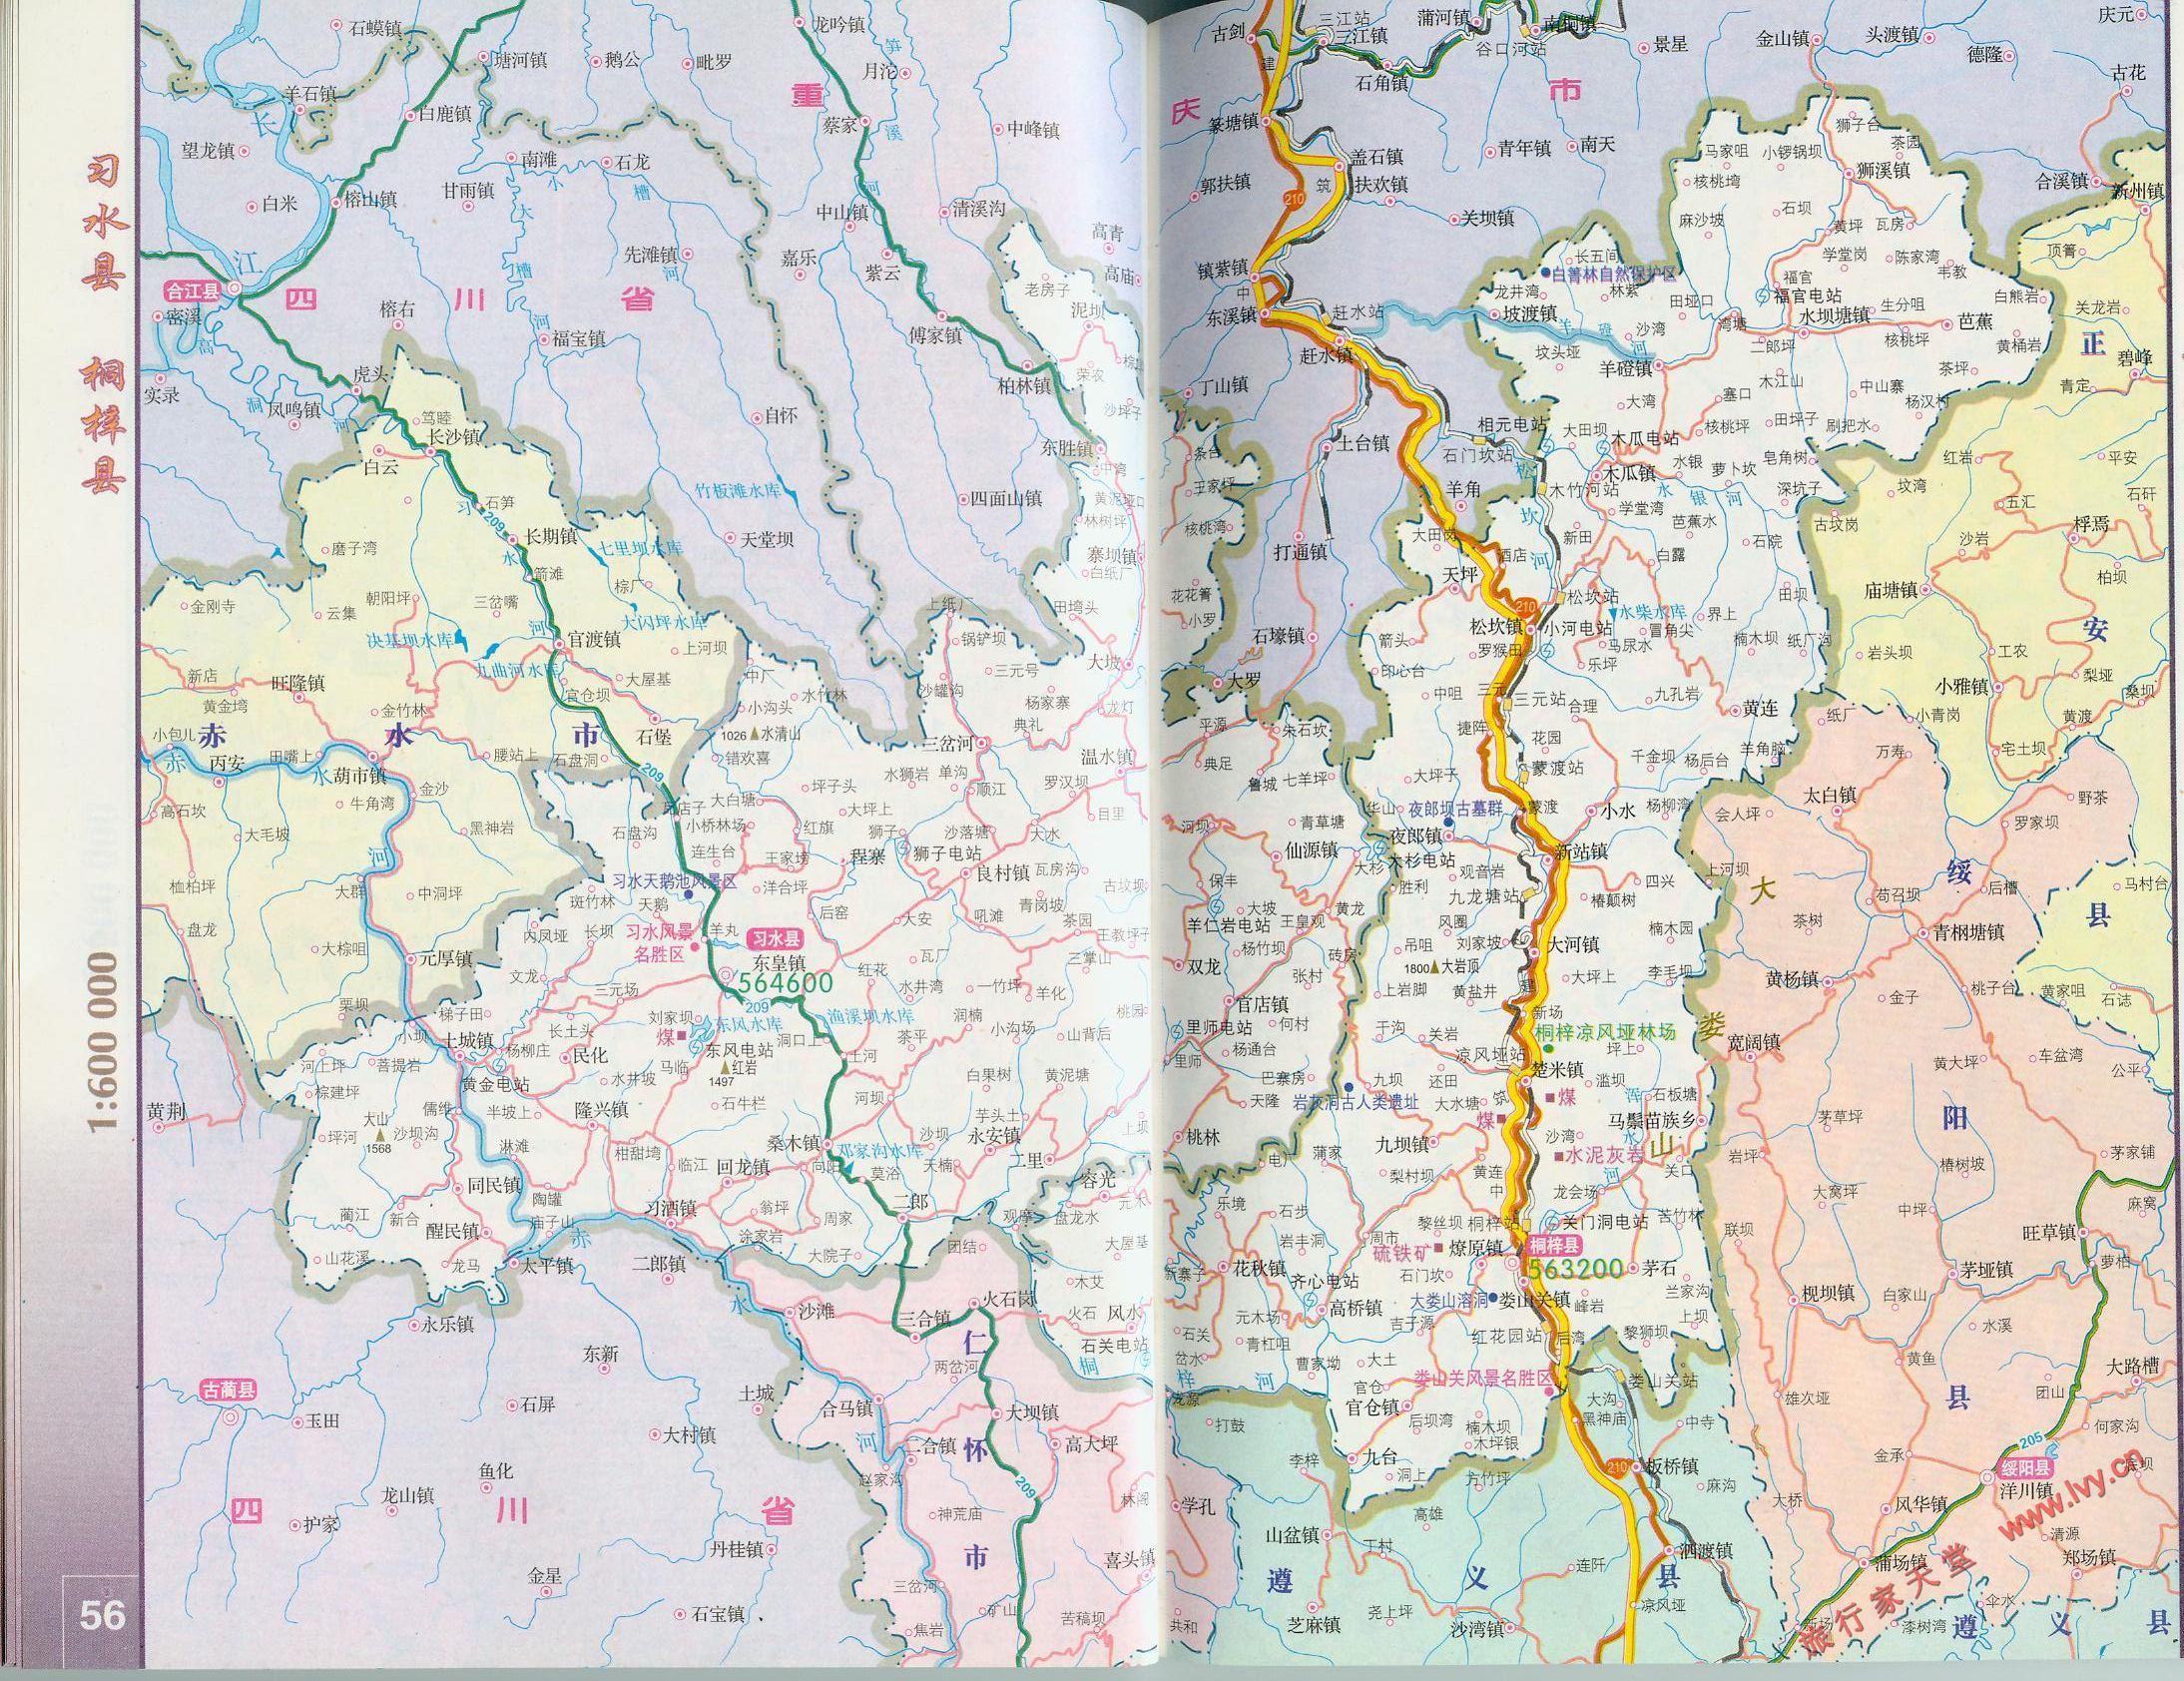 贵州遵义市地图 贵州遵义市地图全图 城市来了南宁三维地图